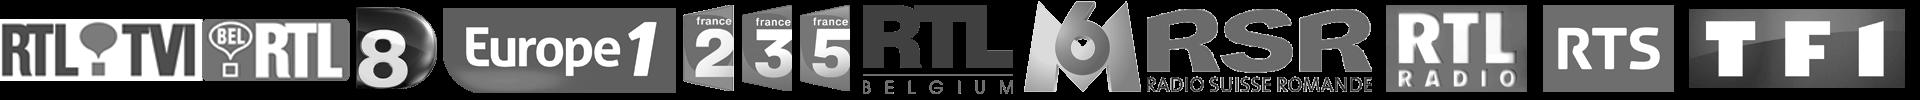 logos-medias-olivier-seban